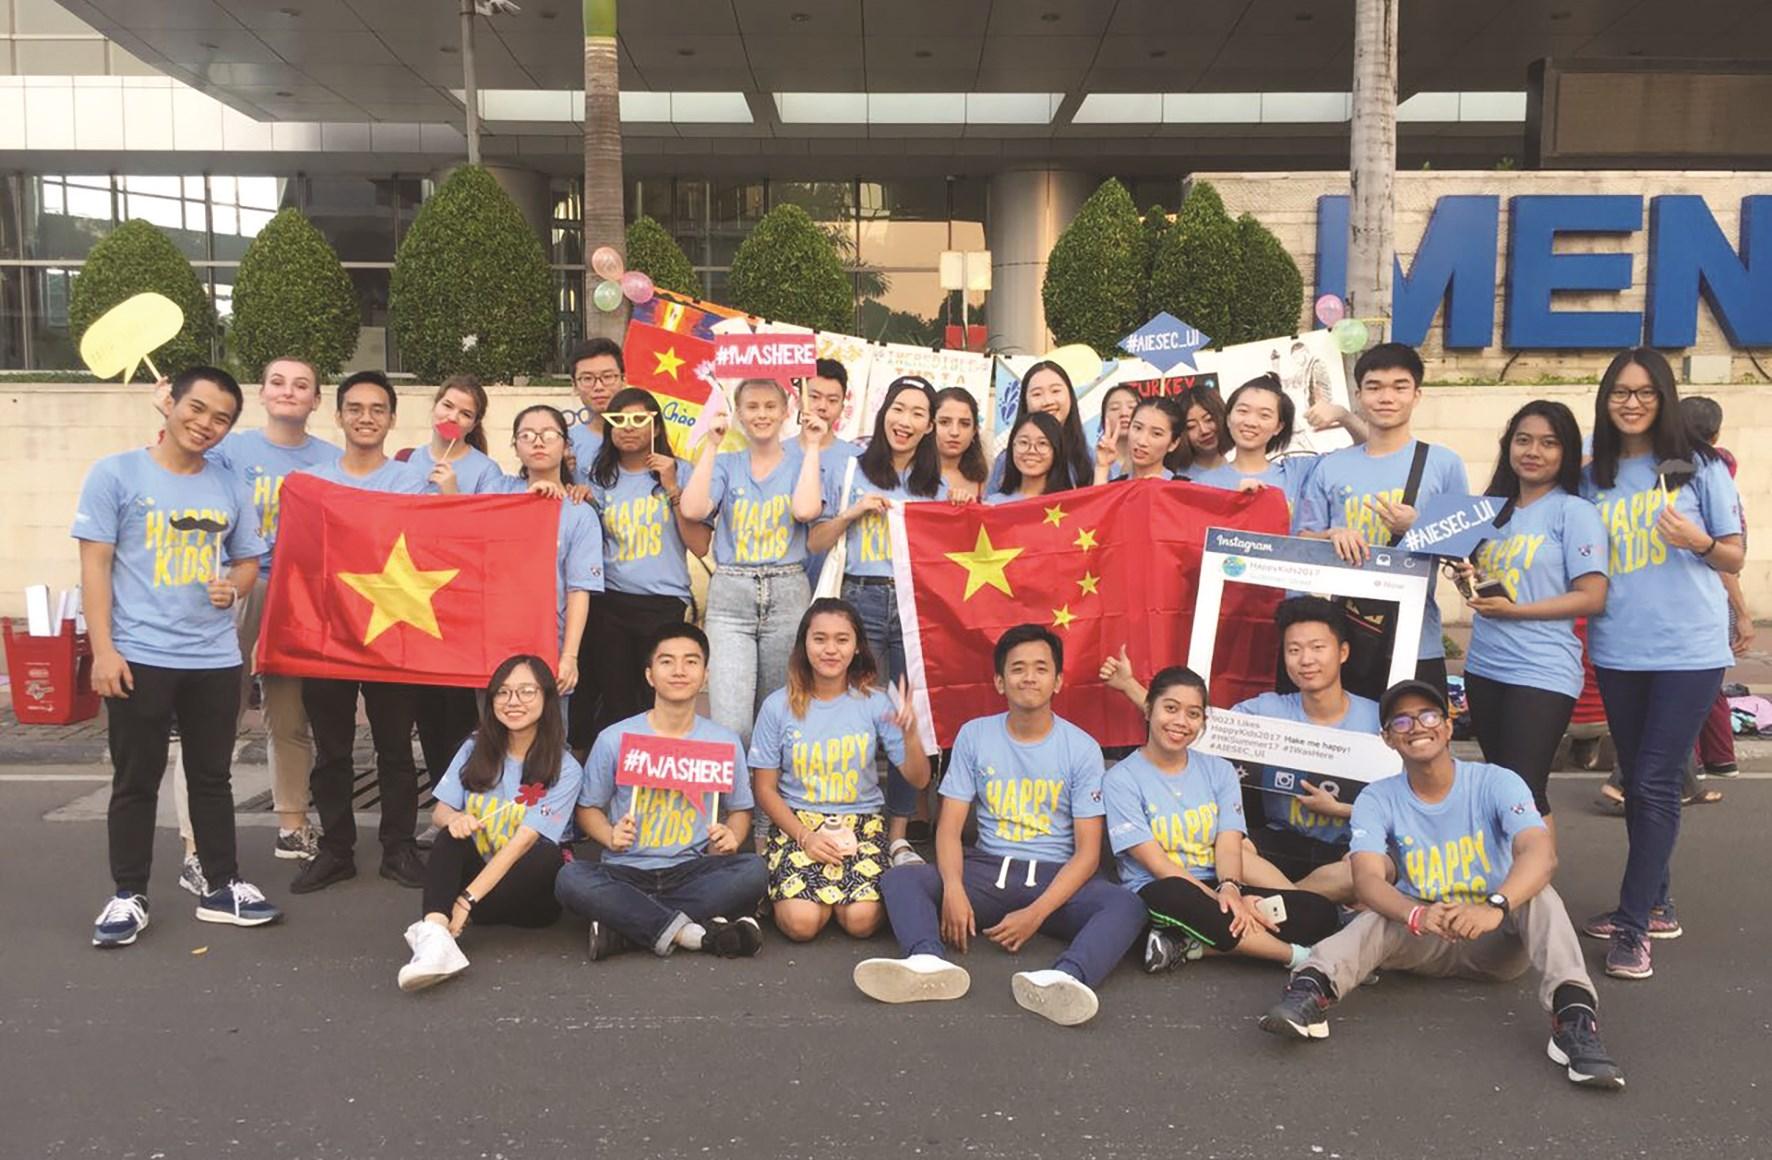 Em Ma Xuân Quang (thứ 2 hàng đầu từ trái sang) trong lần tham gia chương trình tình nguyện dạy học miễn phí cho trẻ em ở Indonesia